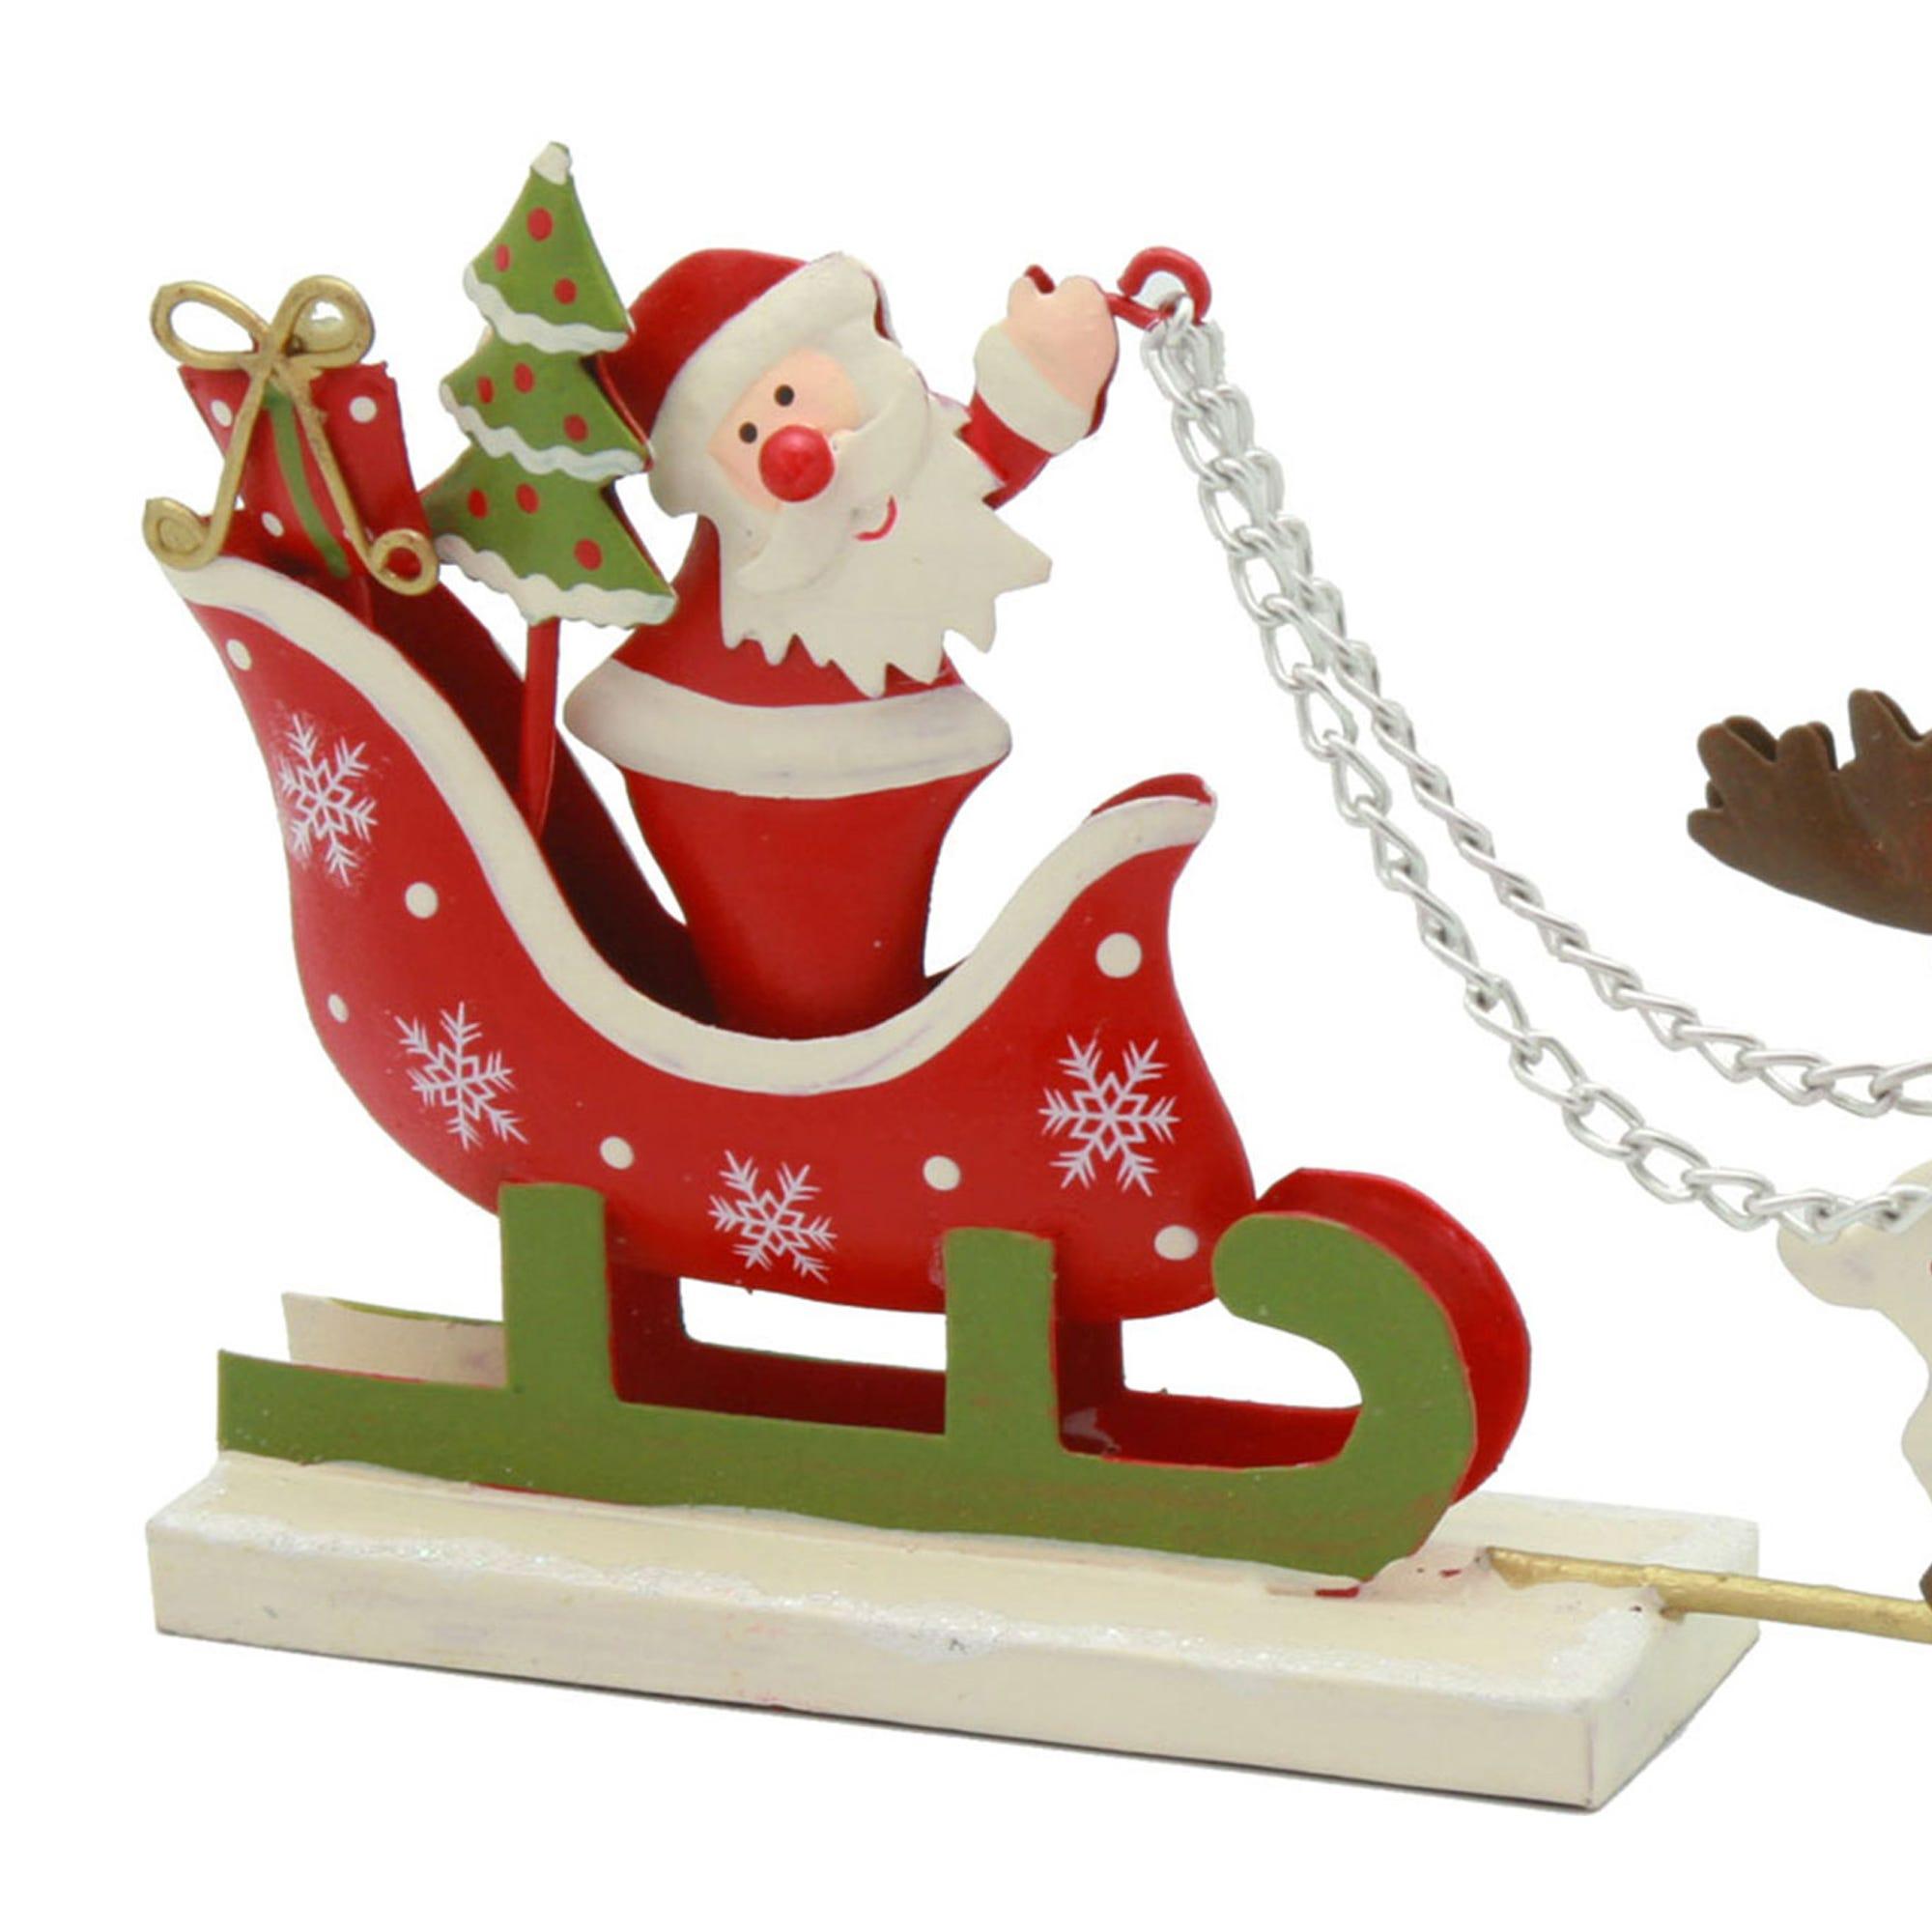 Santa Claus en trineo con renos